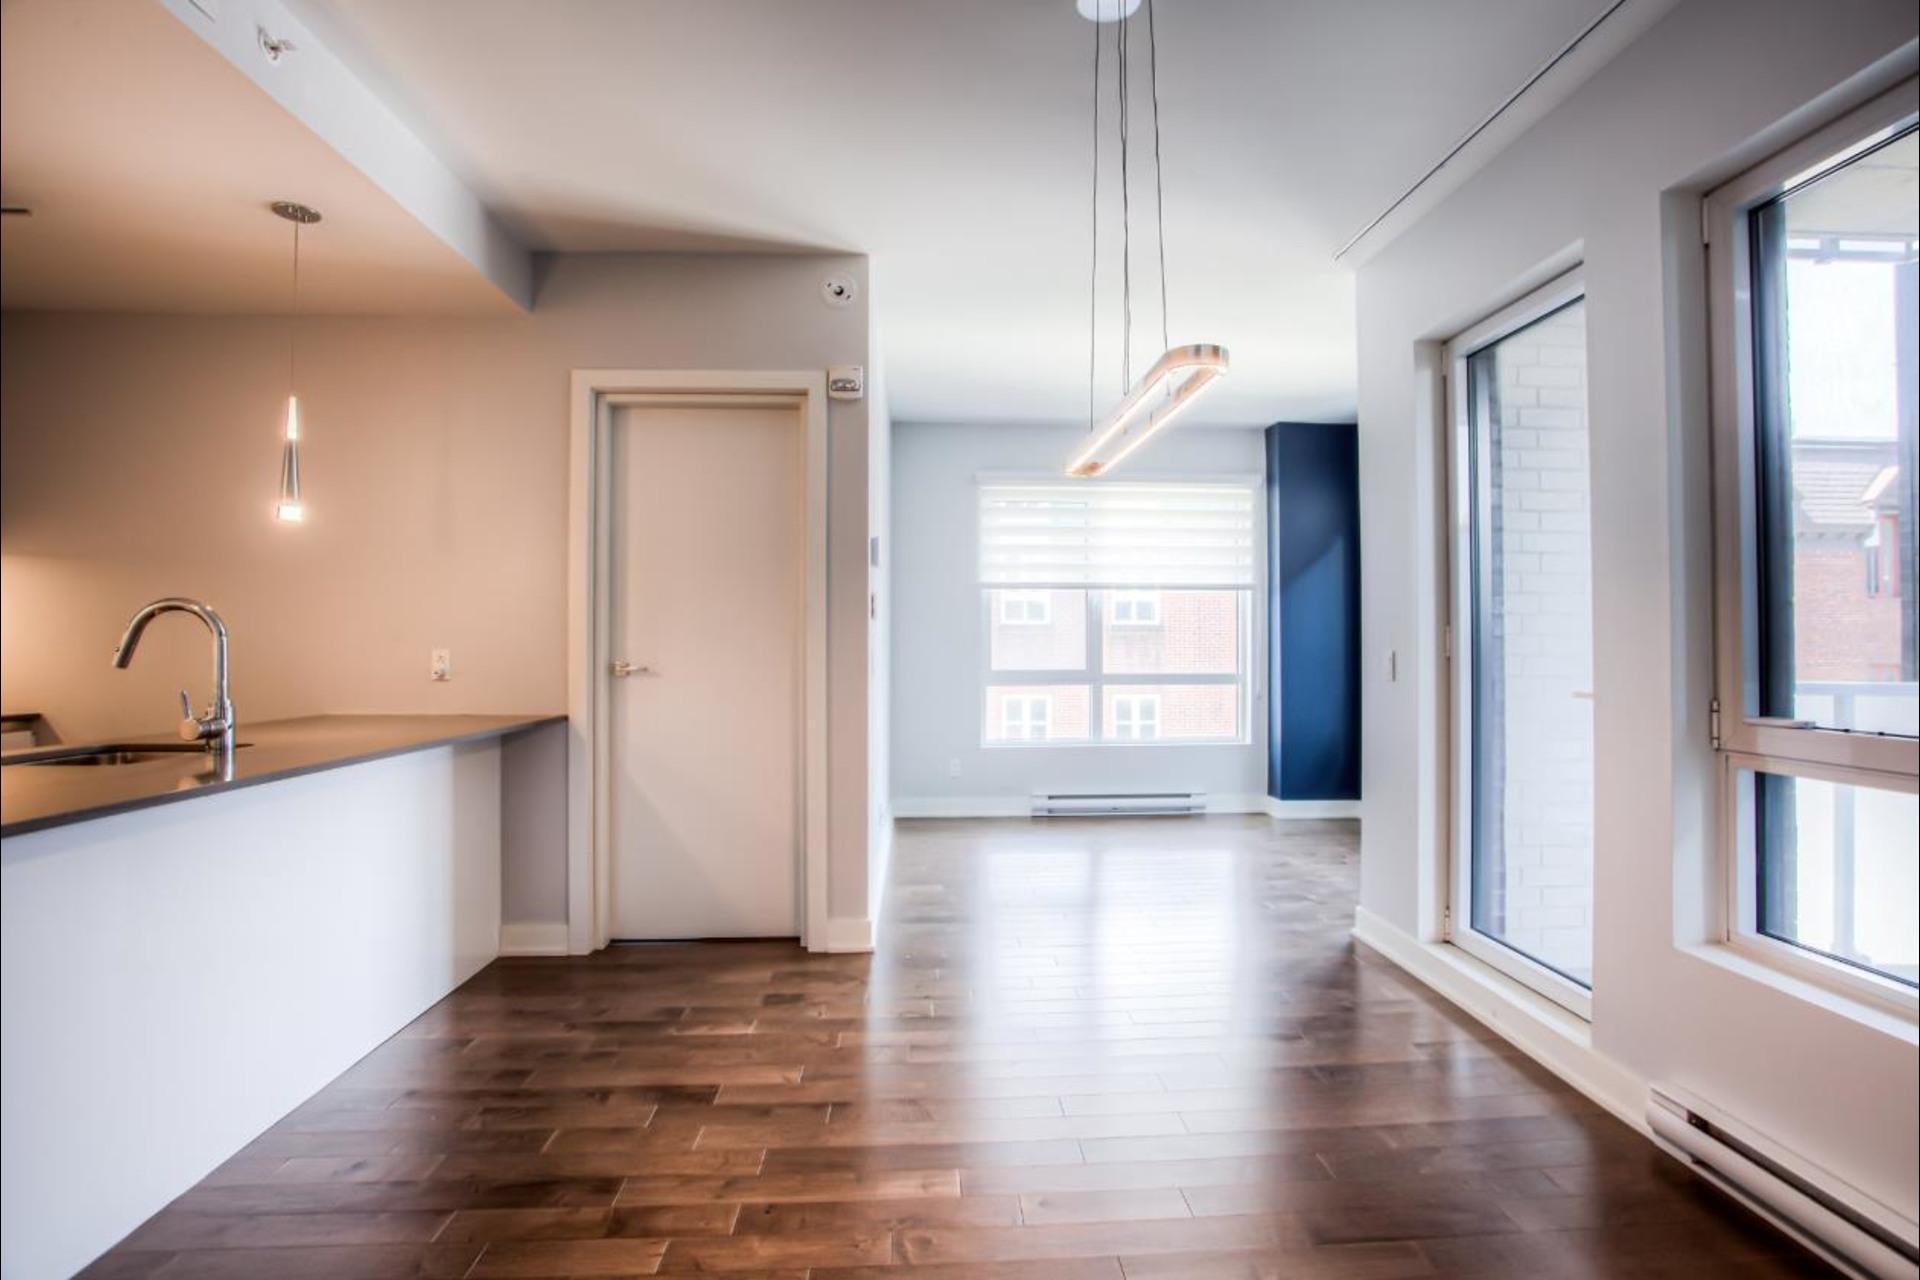 image 7 - Condo For rent Montréal - 6 rooms